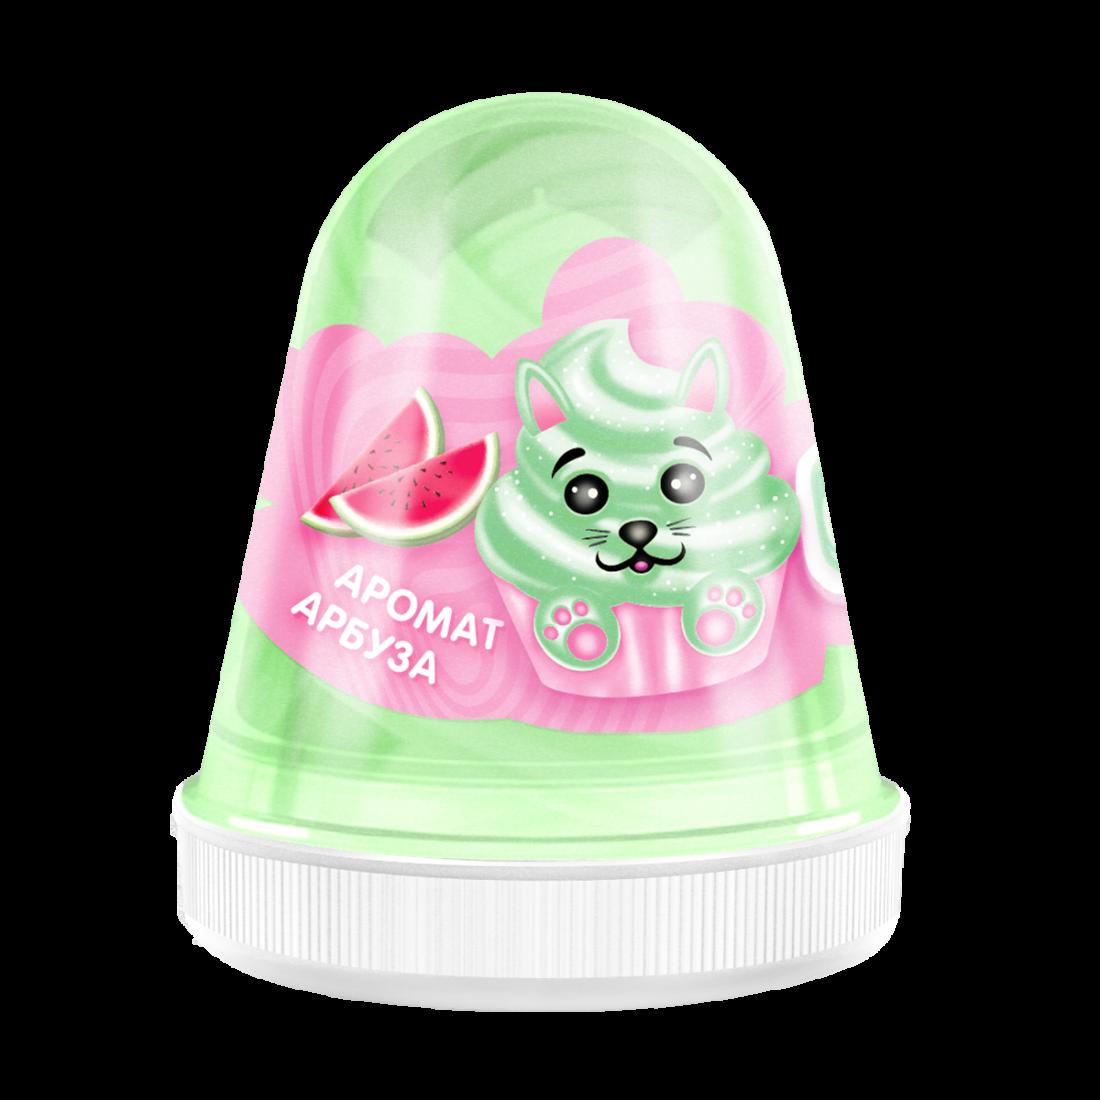 Слайм MONSTER'S SLIME FL002 Fluffy Арбуз светло-зеленый